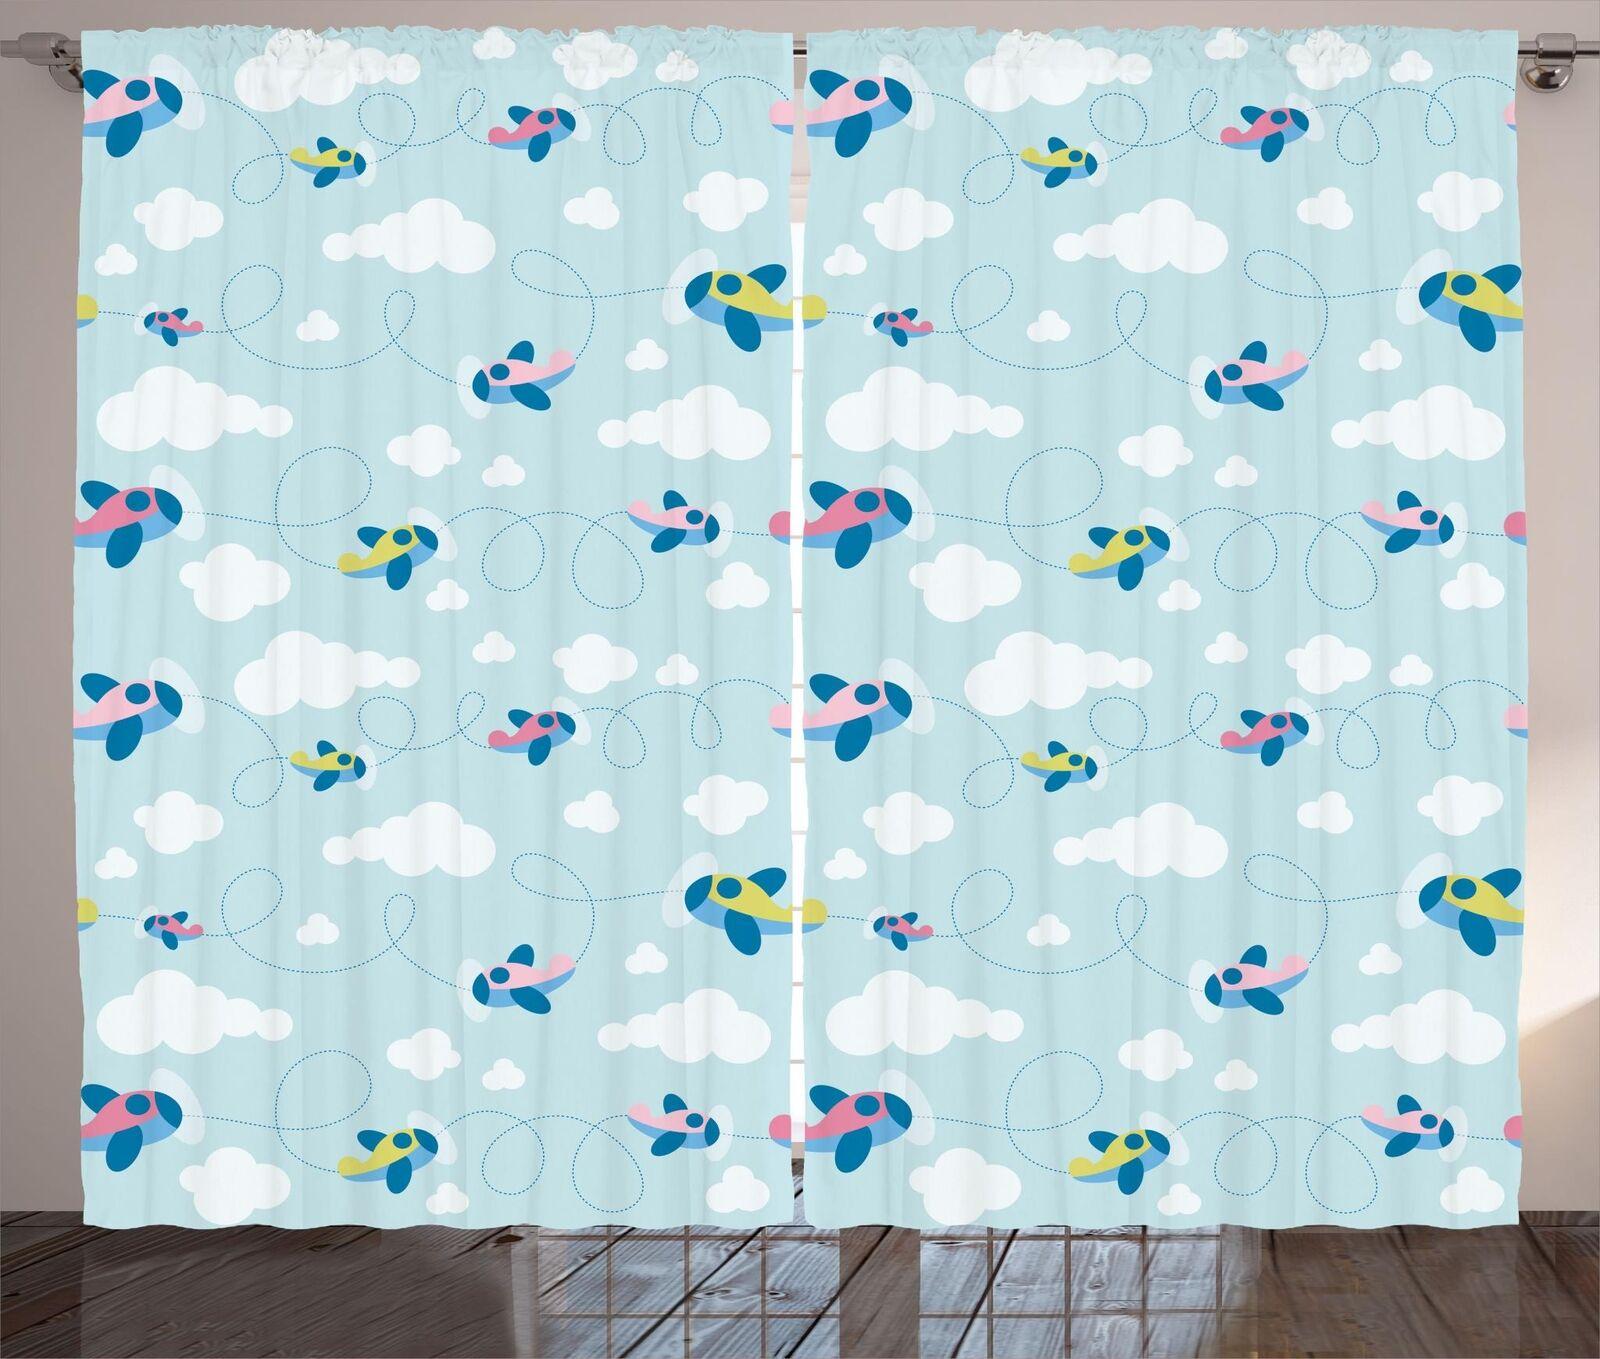 Conjunto de 2 Paneles Cortinas Boho Colorido Decoración 5 tamaños de ventana Cortinas ambesonne